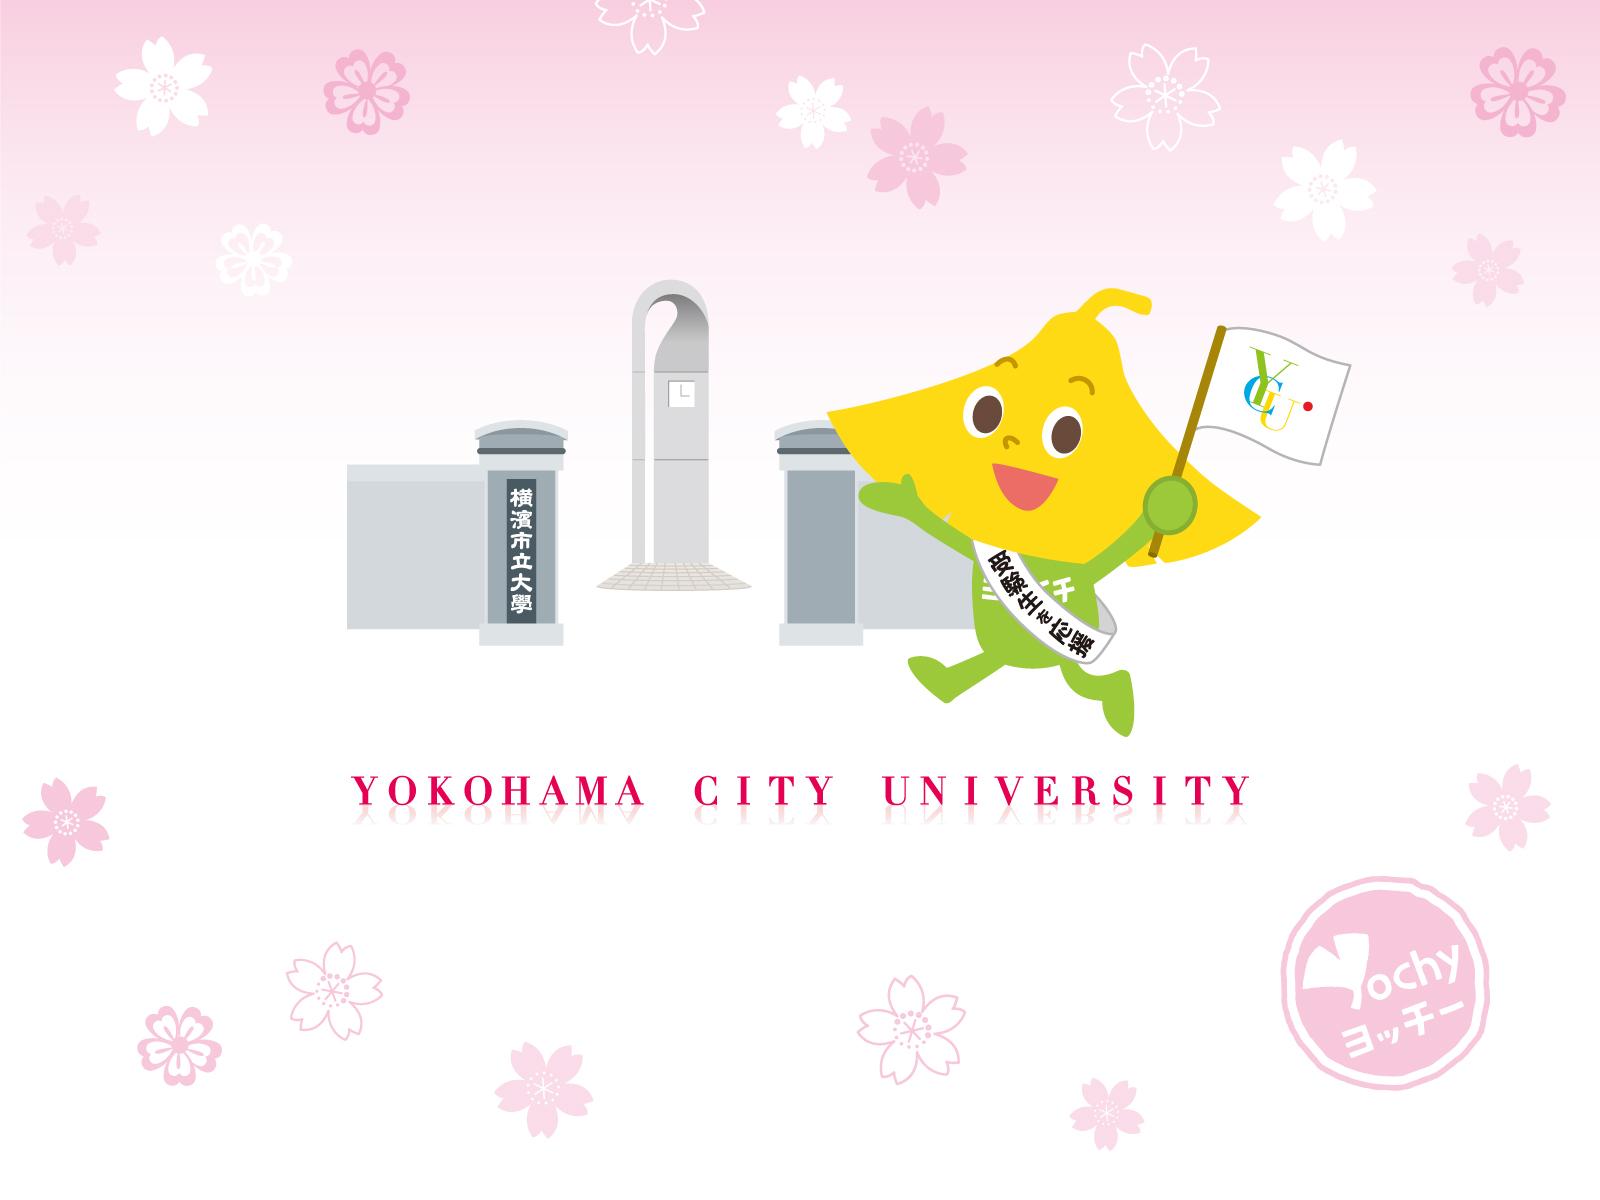 ヨッチーダウンロード 横浜市立大学キャラクター ヨッチー